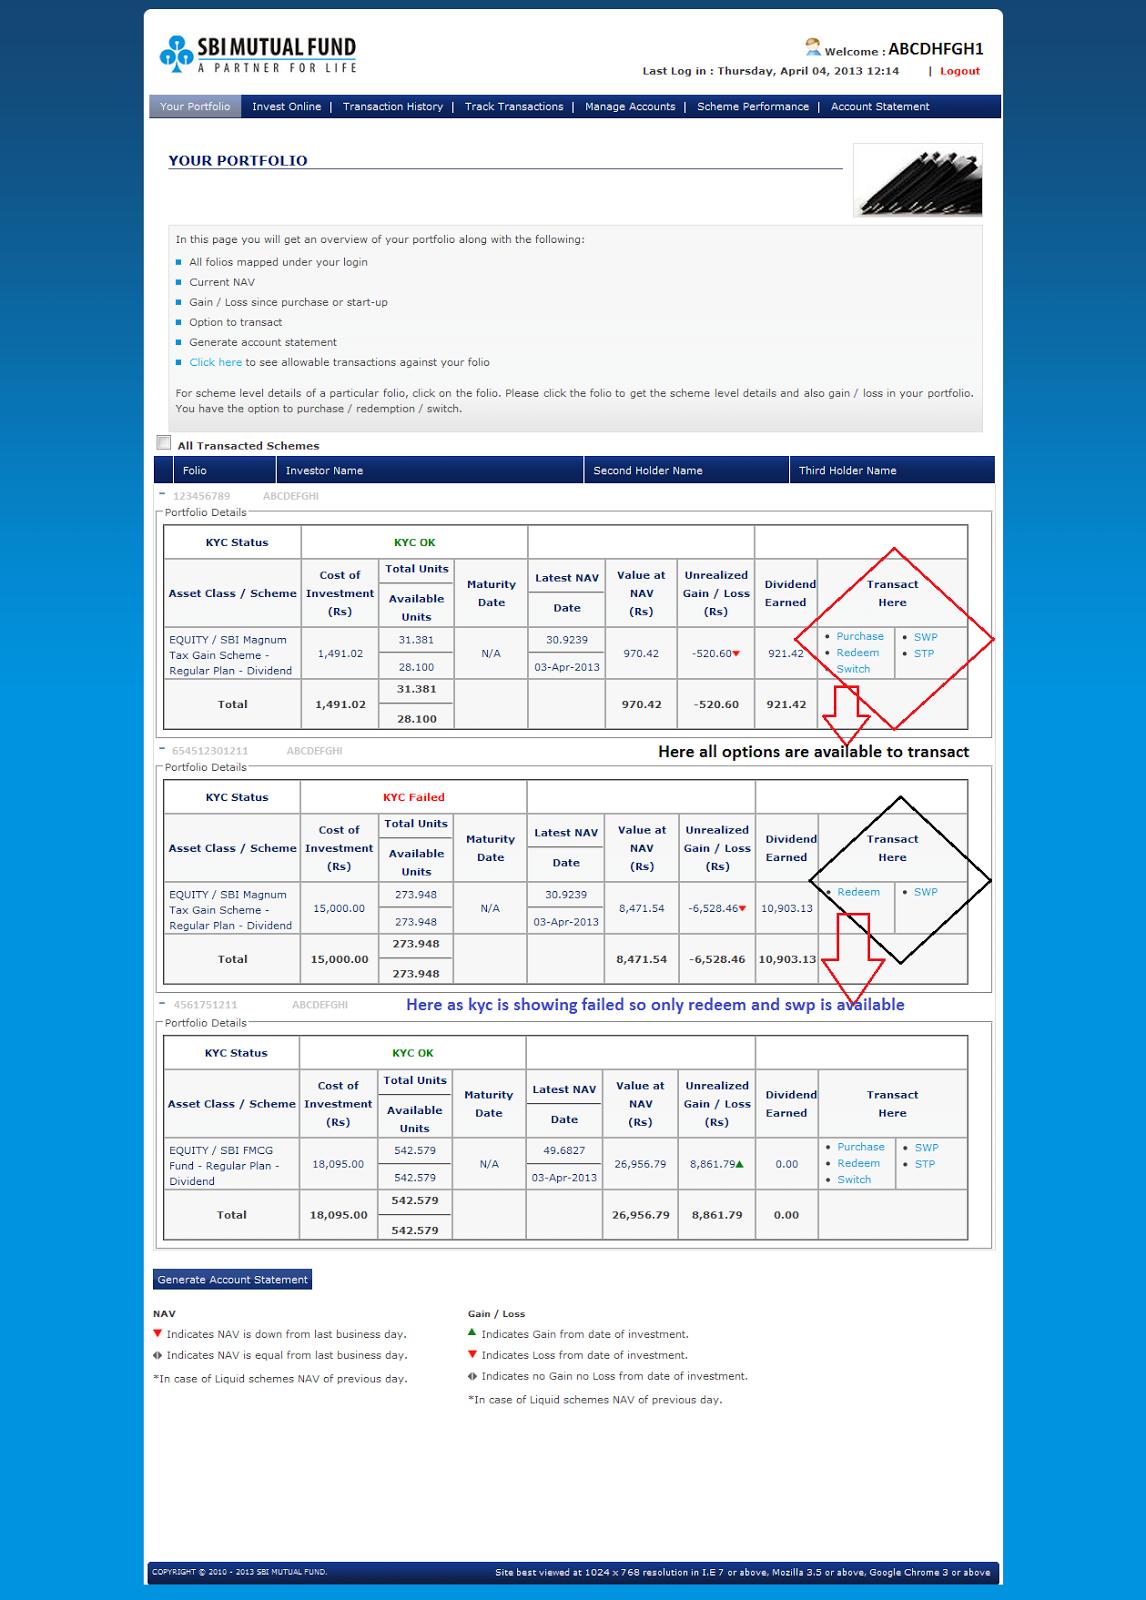 sbi mutual fund details pdf